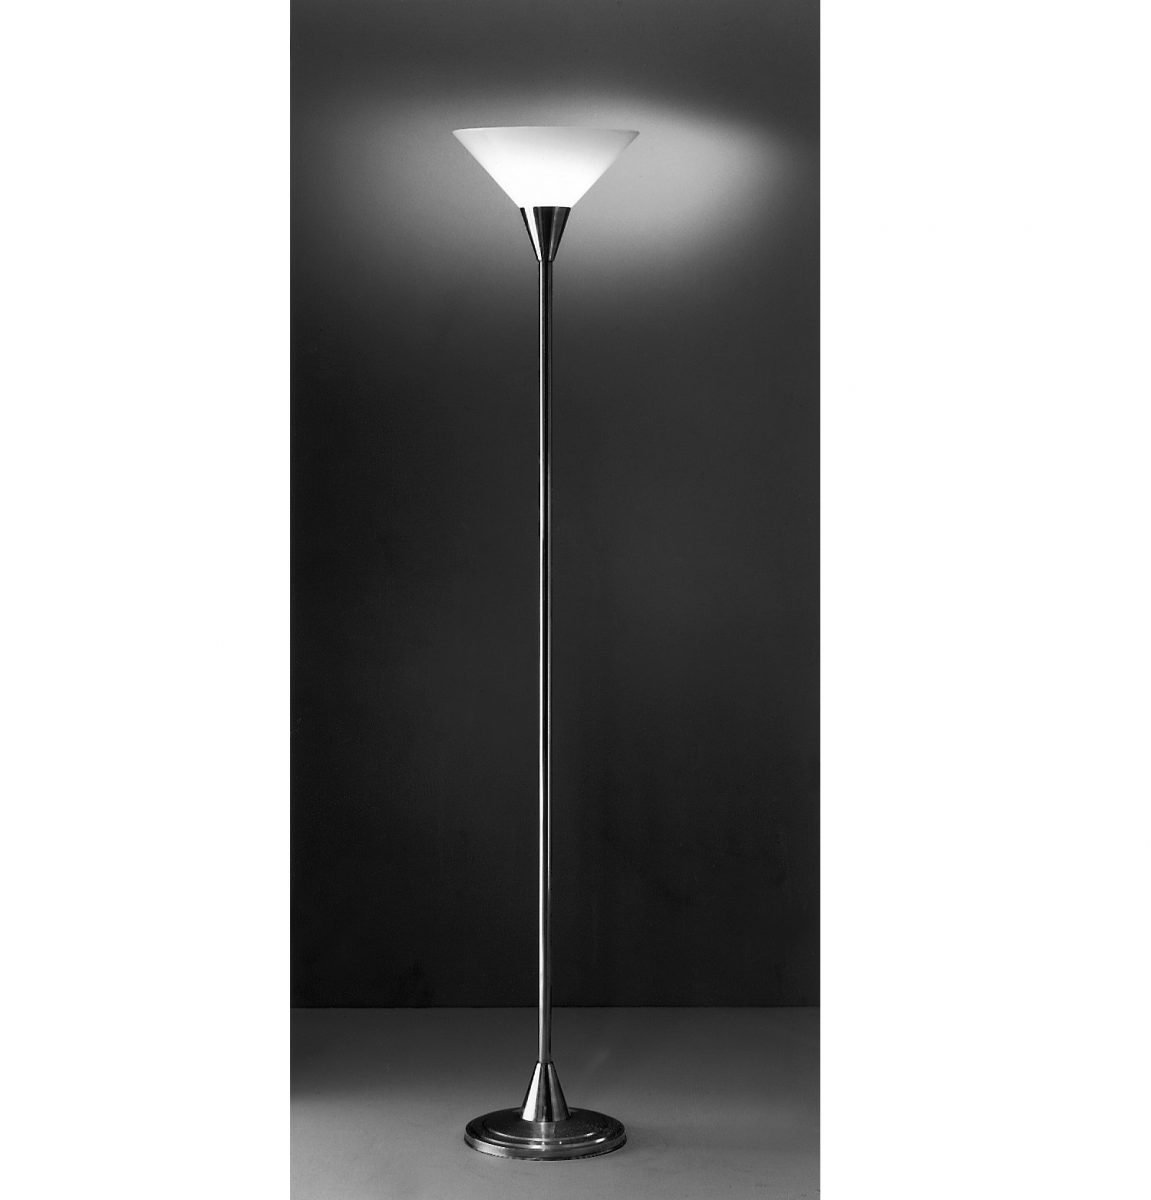 Giso staande lamp Cono